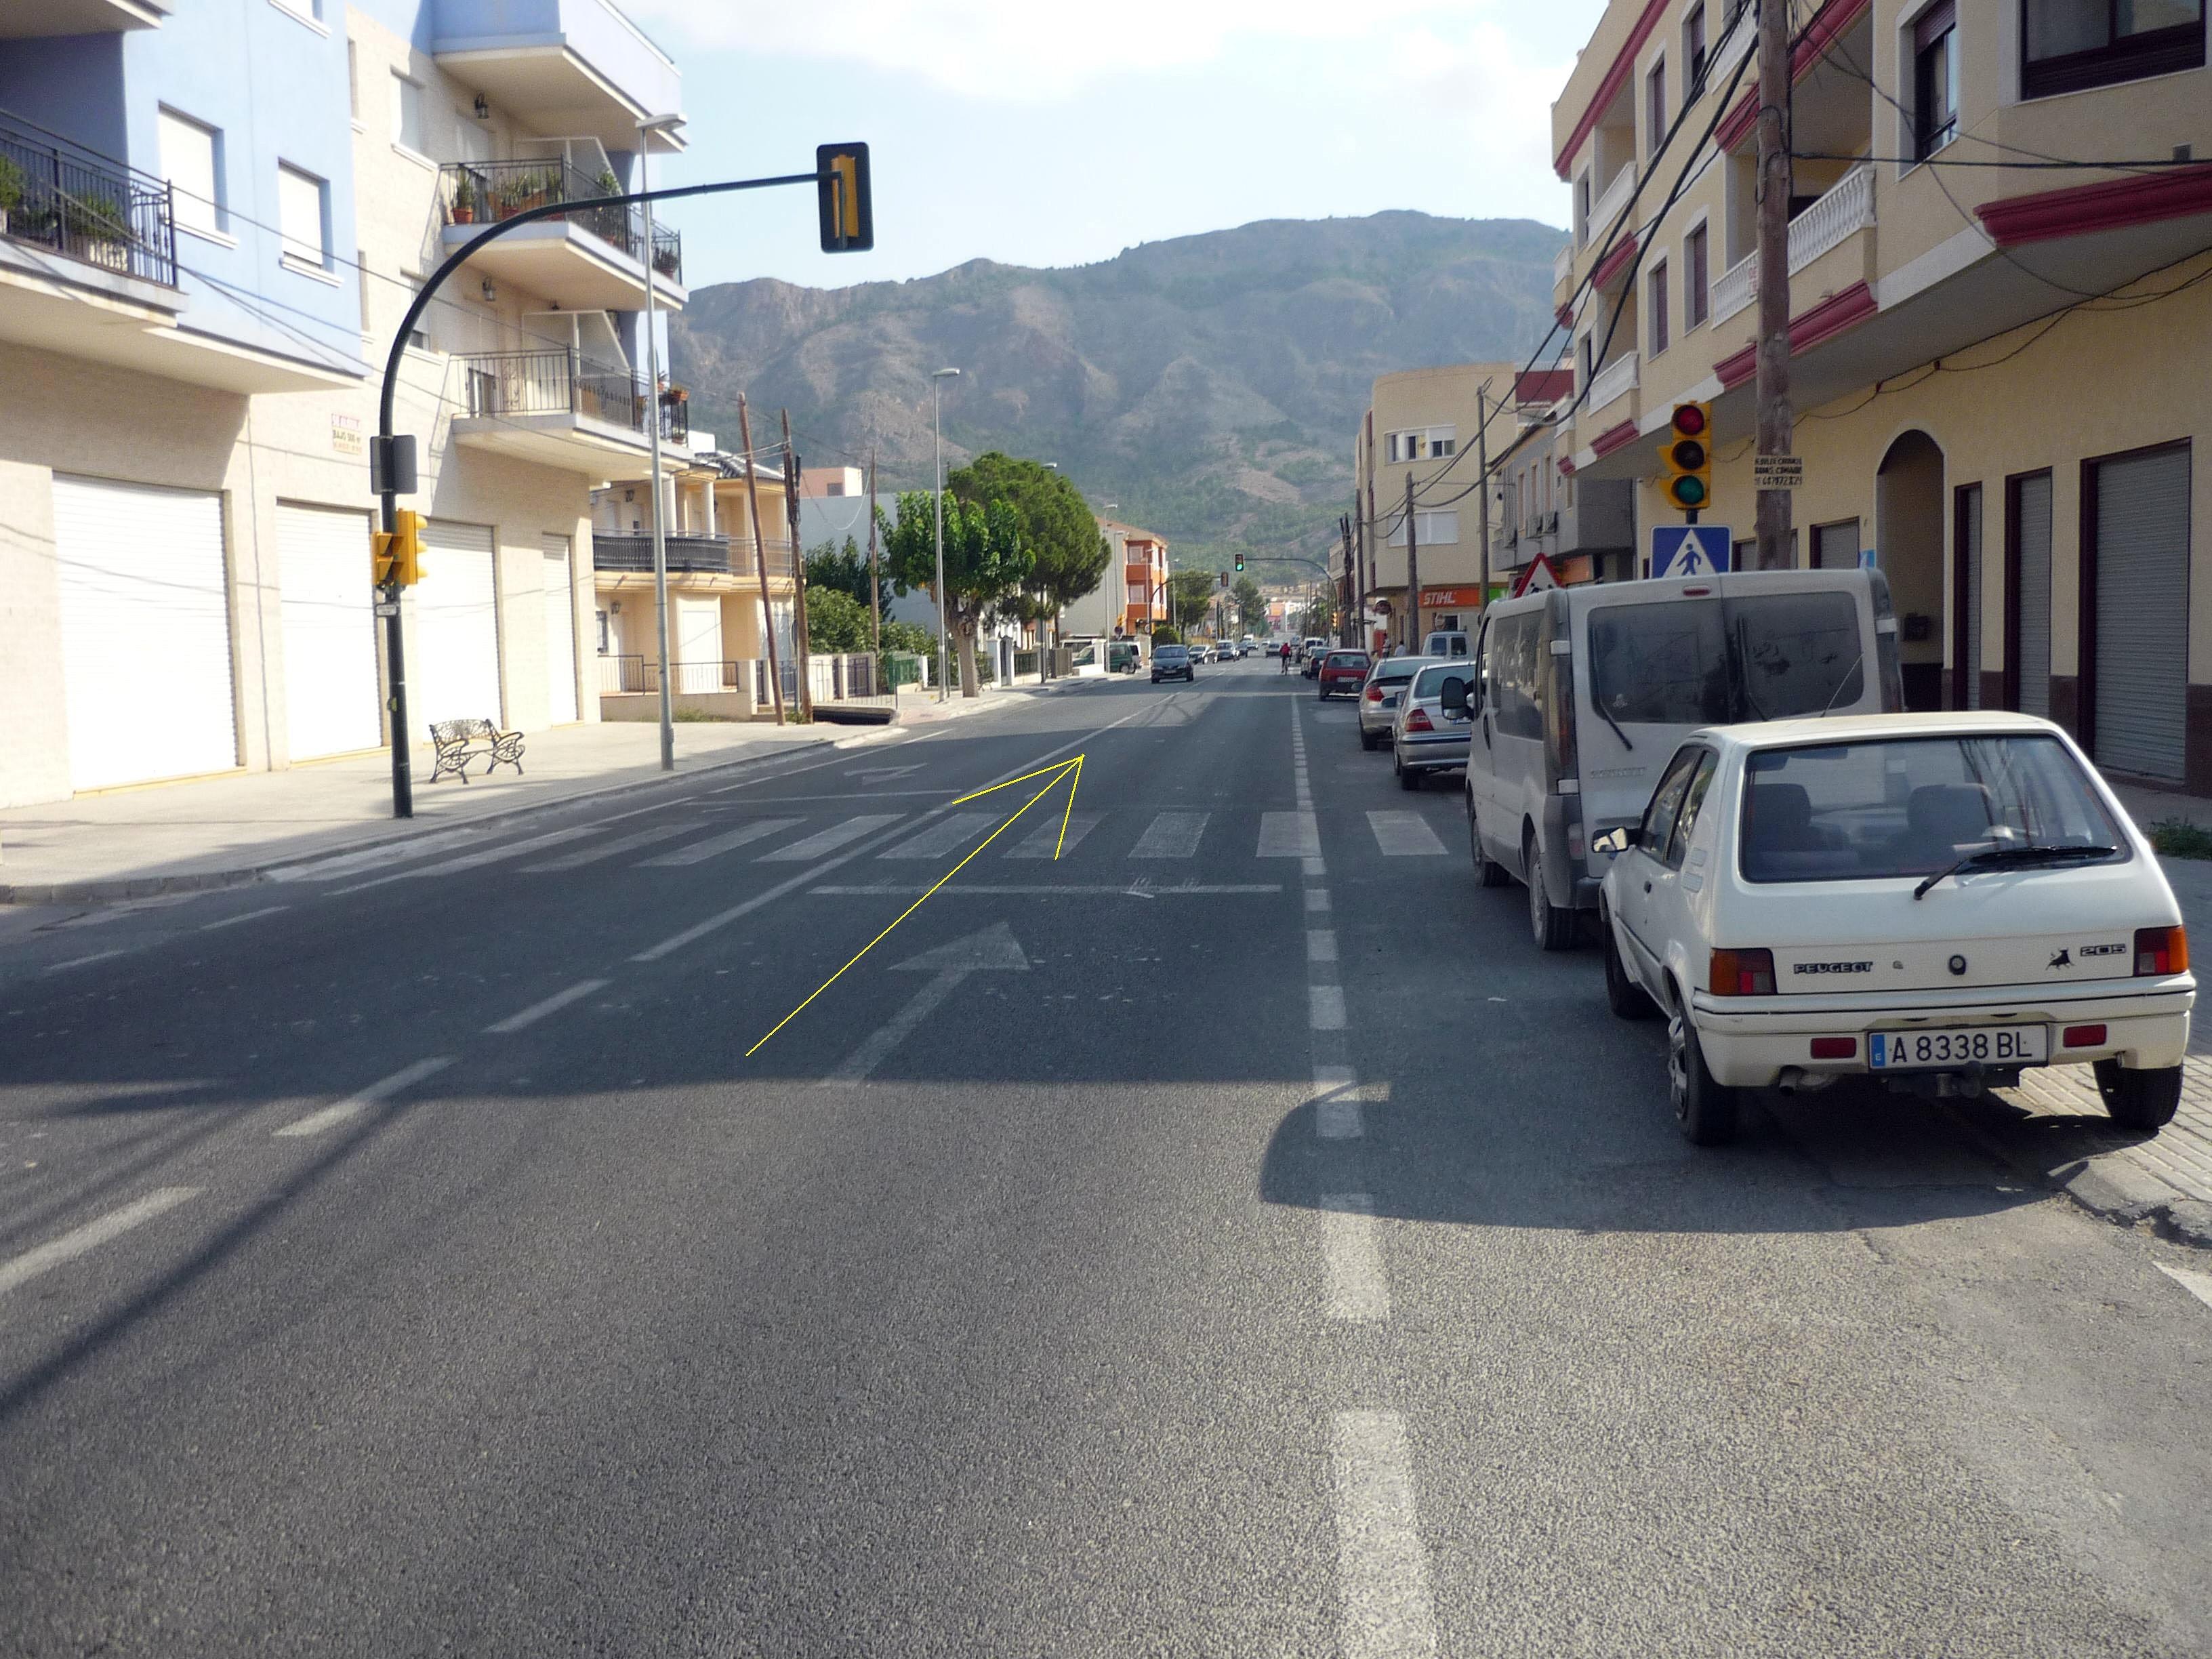 Foto nº6. N-340, travesía de El Raiguero de Bonanza. Kilómetro 11,2.